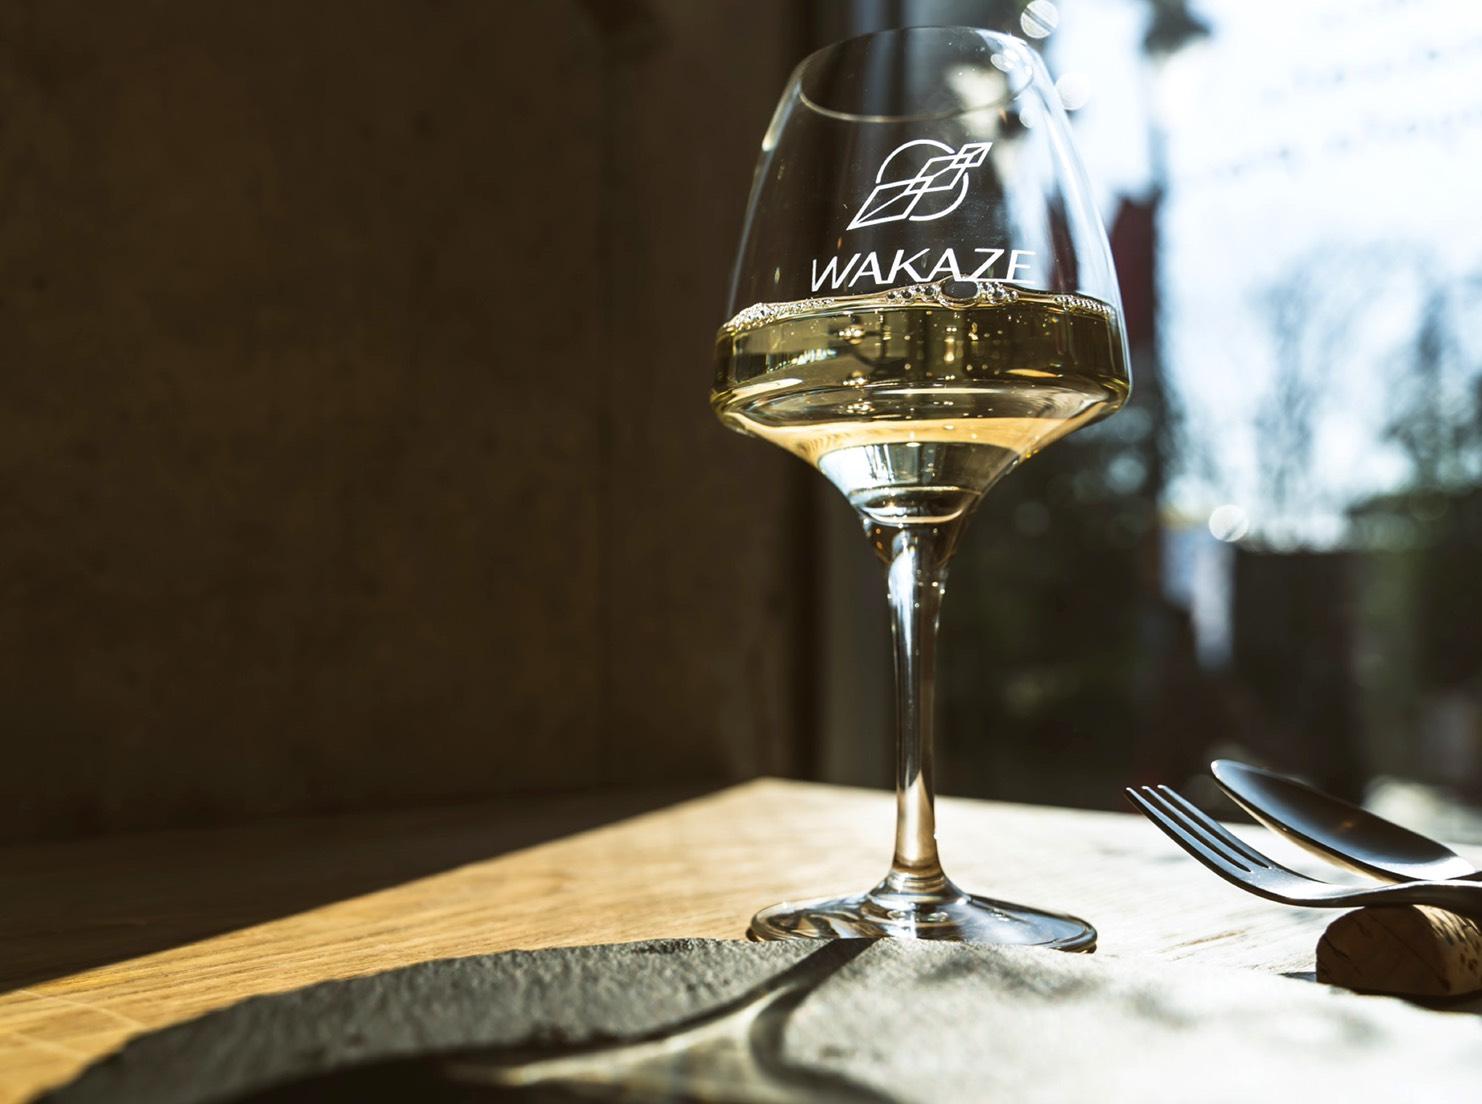 【海苔が醸す新感覚の日本酒。日本食にぴったりの1本】のクラウドファンディングを開始